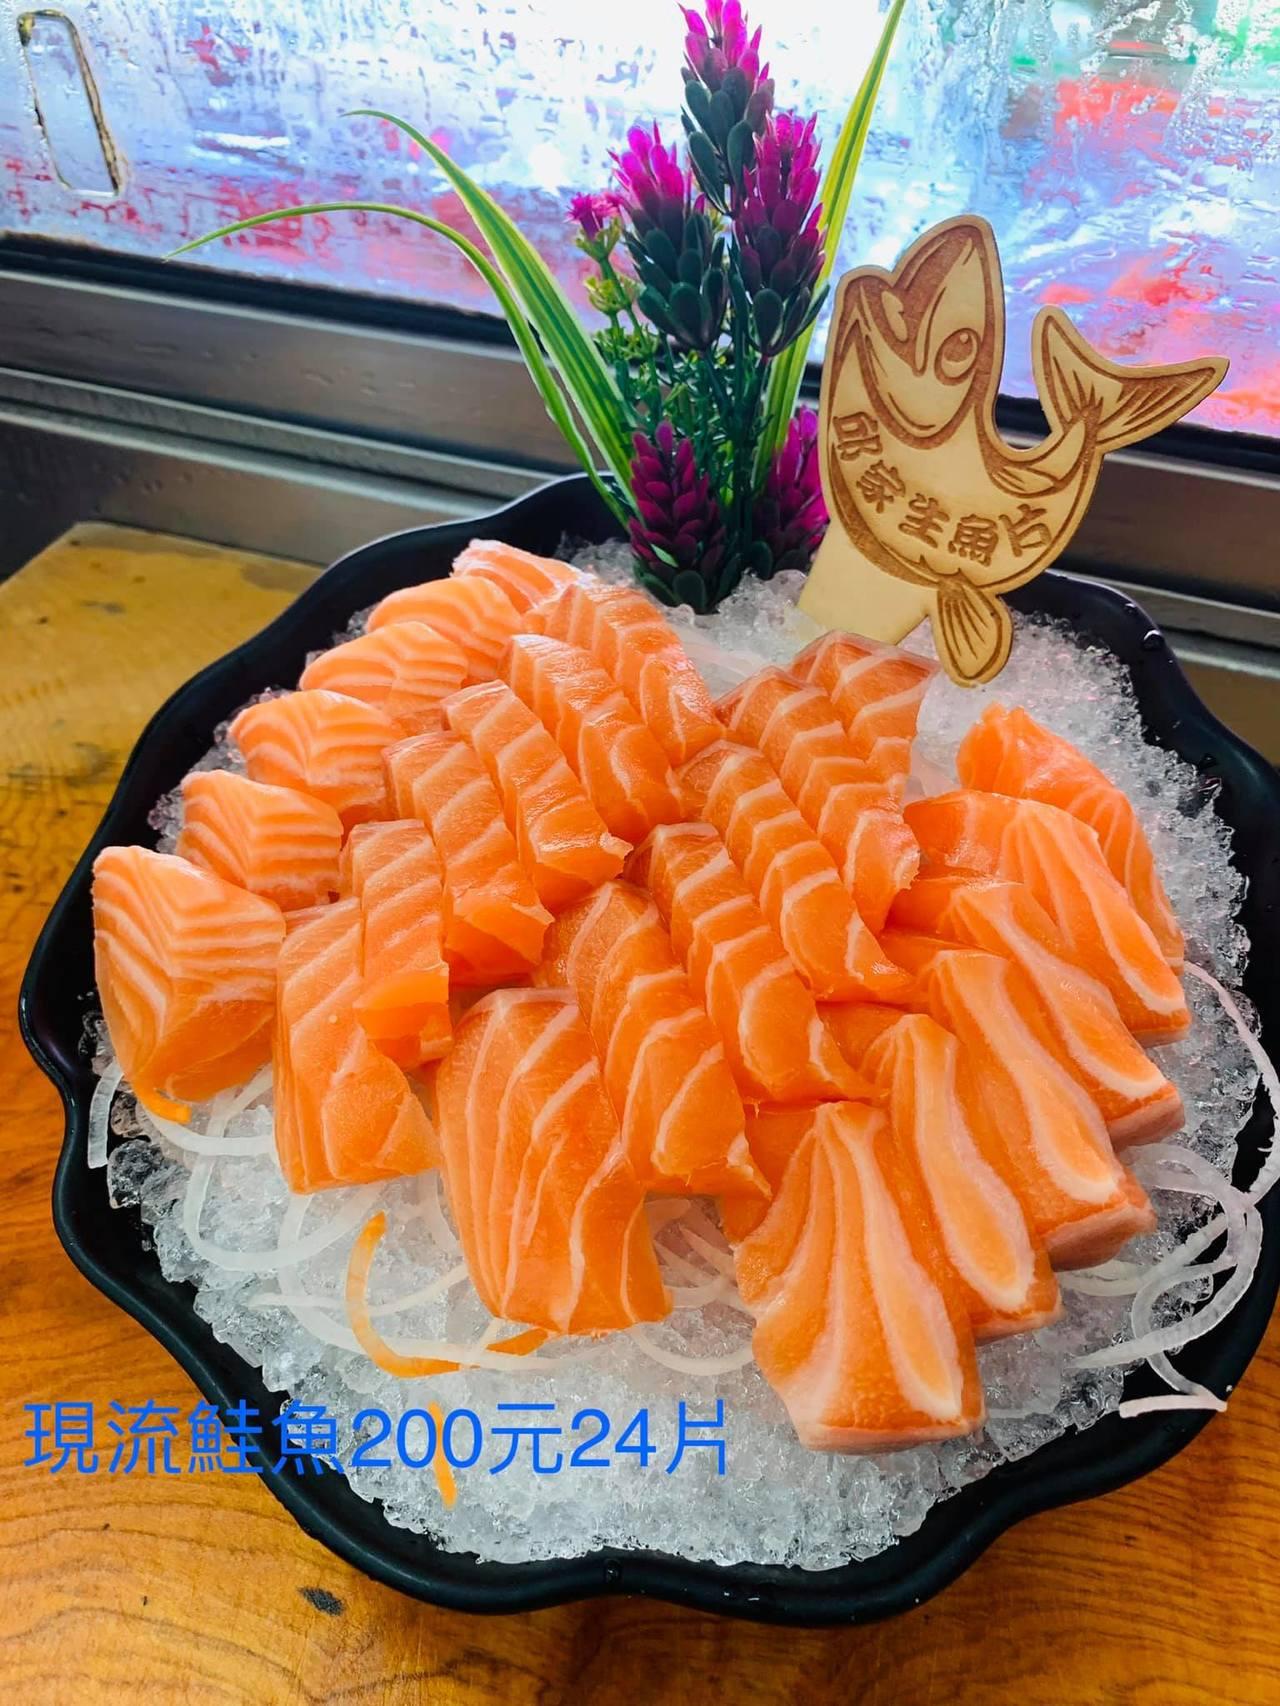 這大盤鮭魚生魚片只要200元。圖/摘自後壁湖邱家生魚片臉書